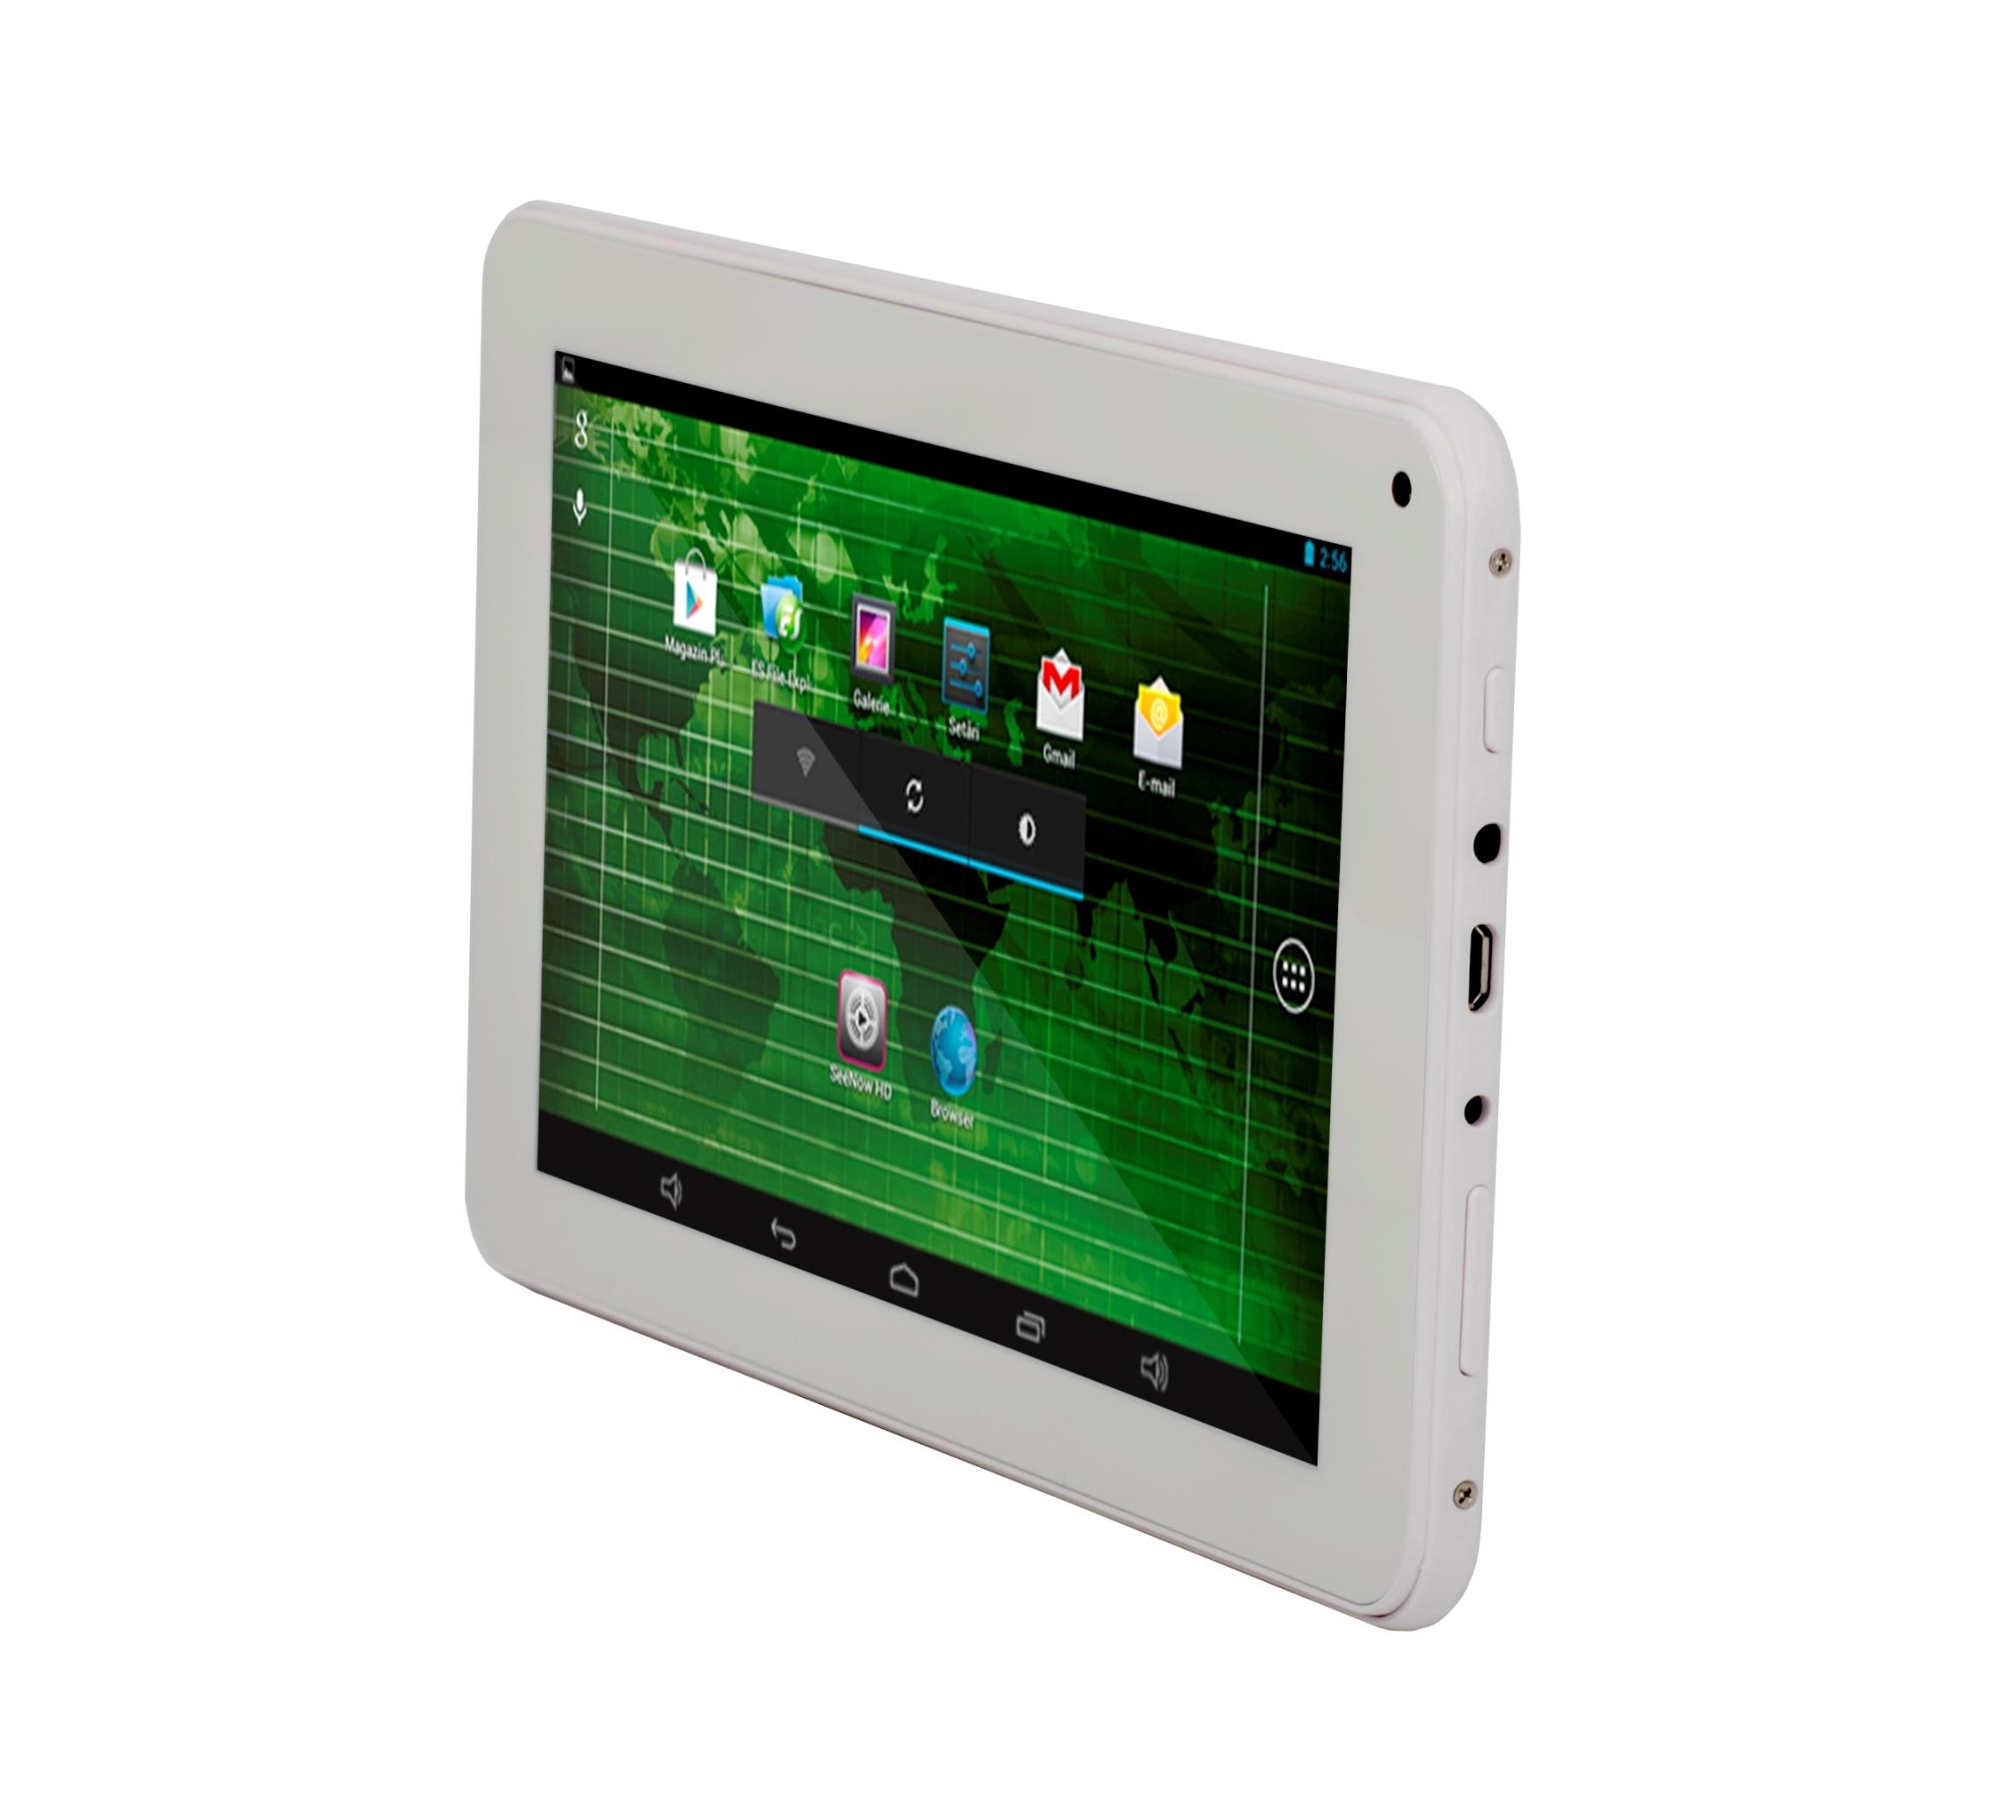 E-Boda lanseaza o tableta pentru utilizatorii incepatori